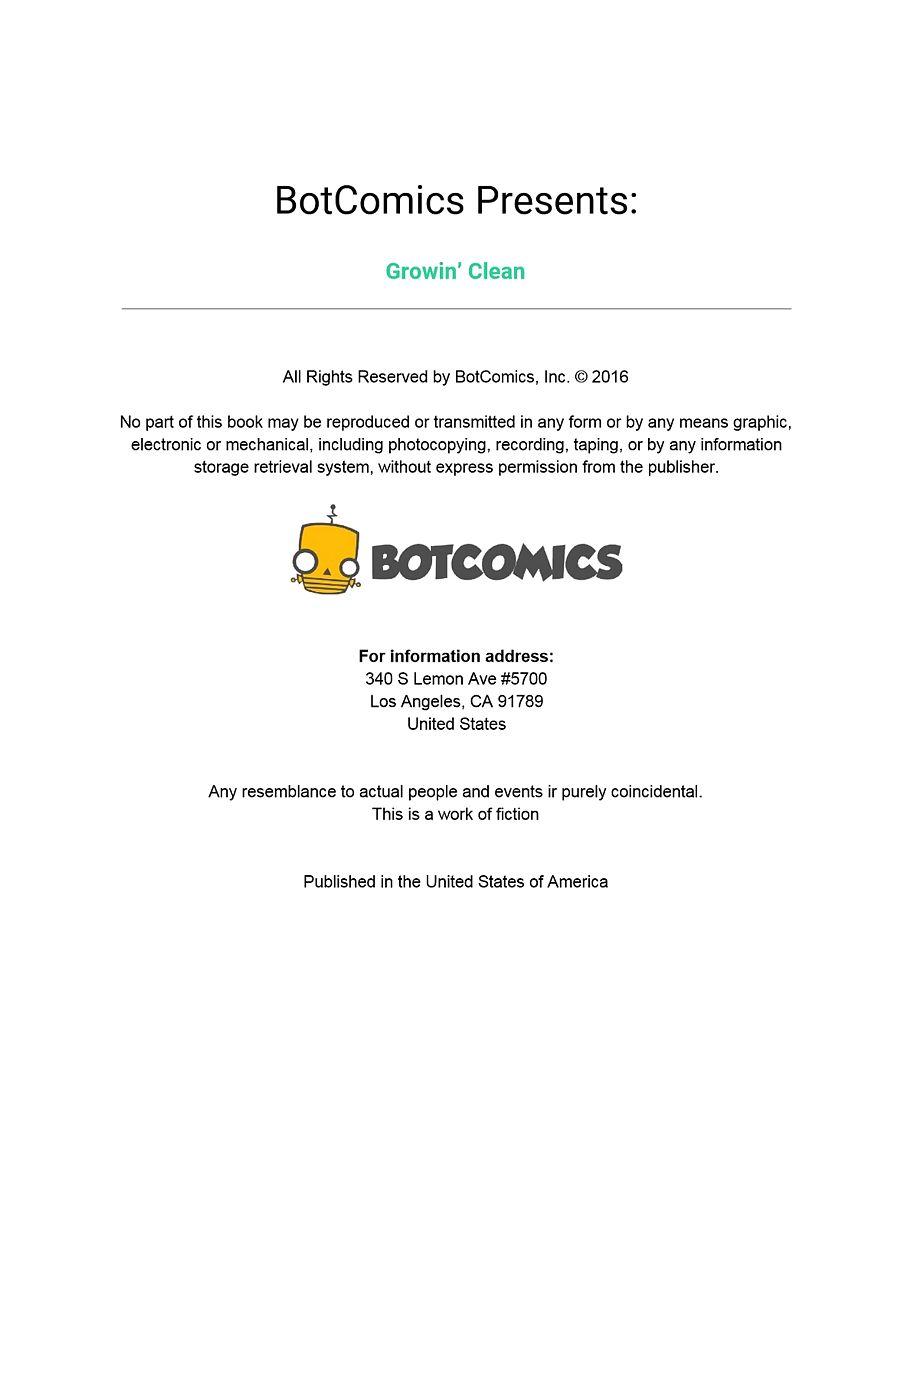 Bot- Growin' Clean